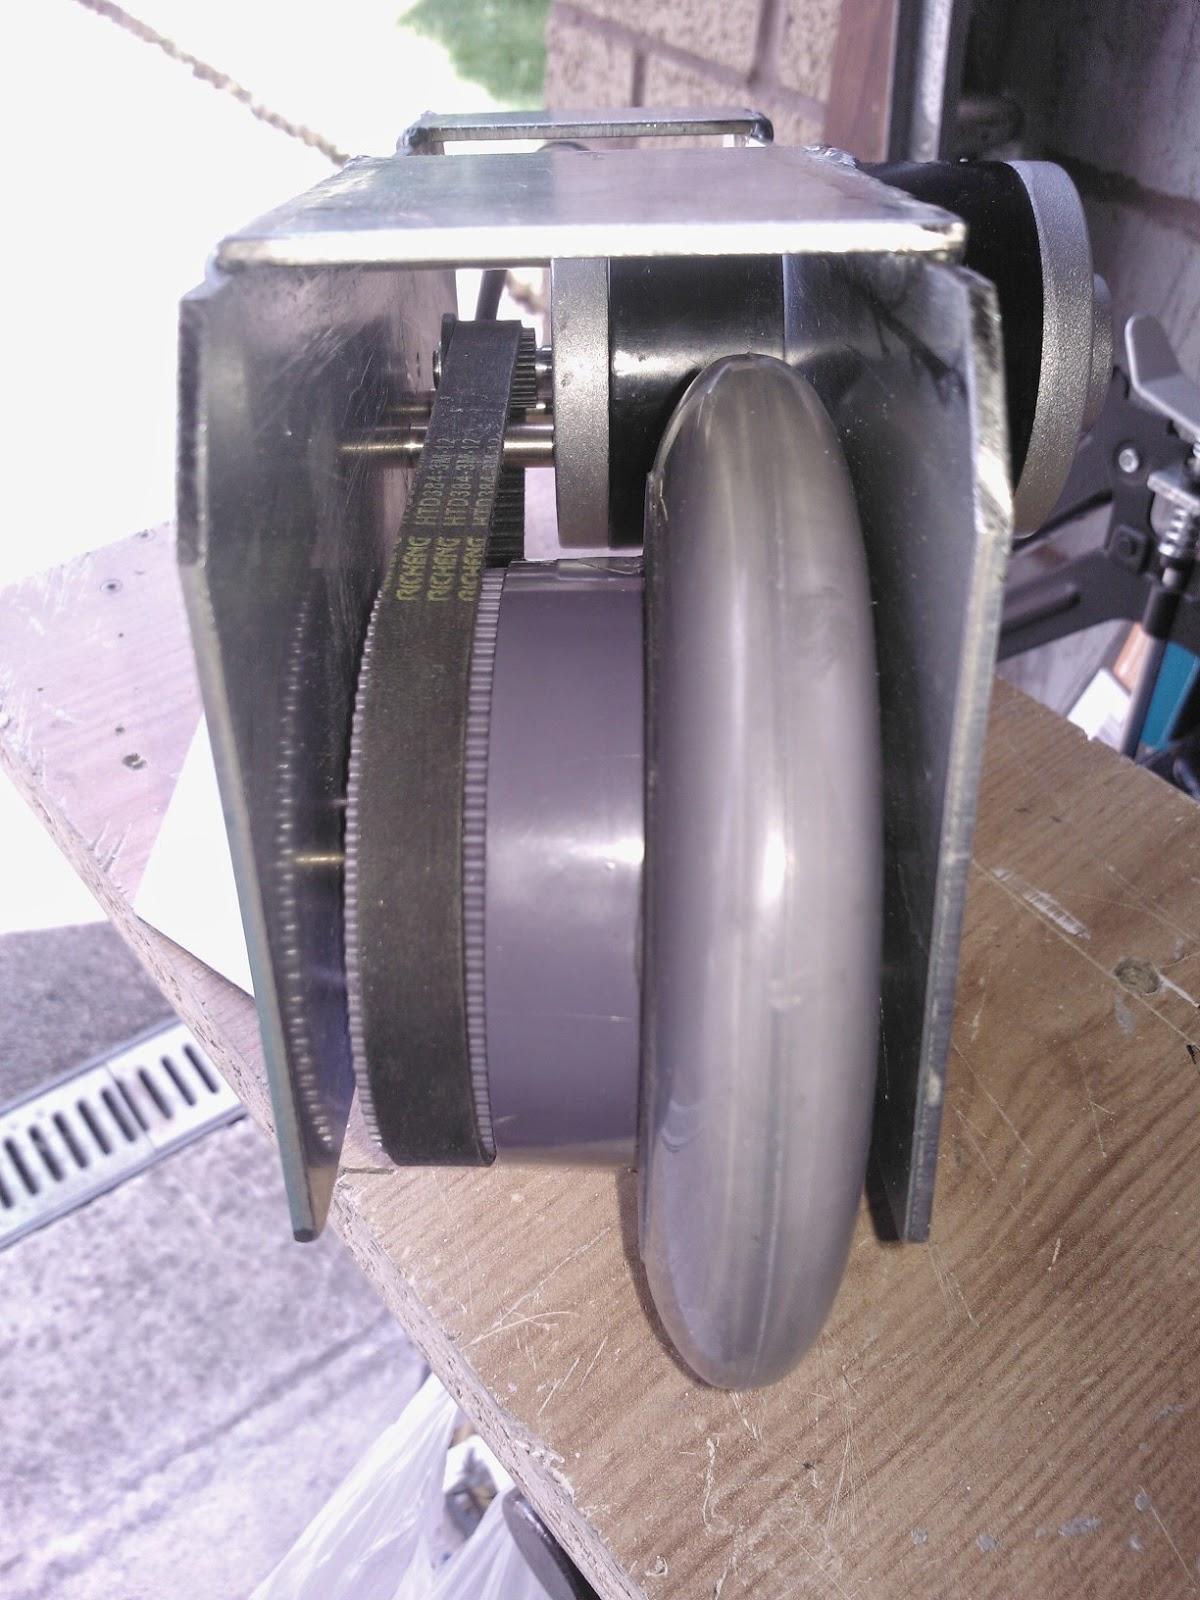 R5D4 - Outer Feet Motor Assy